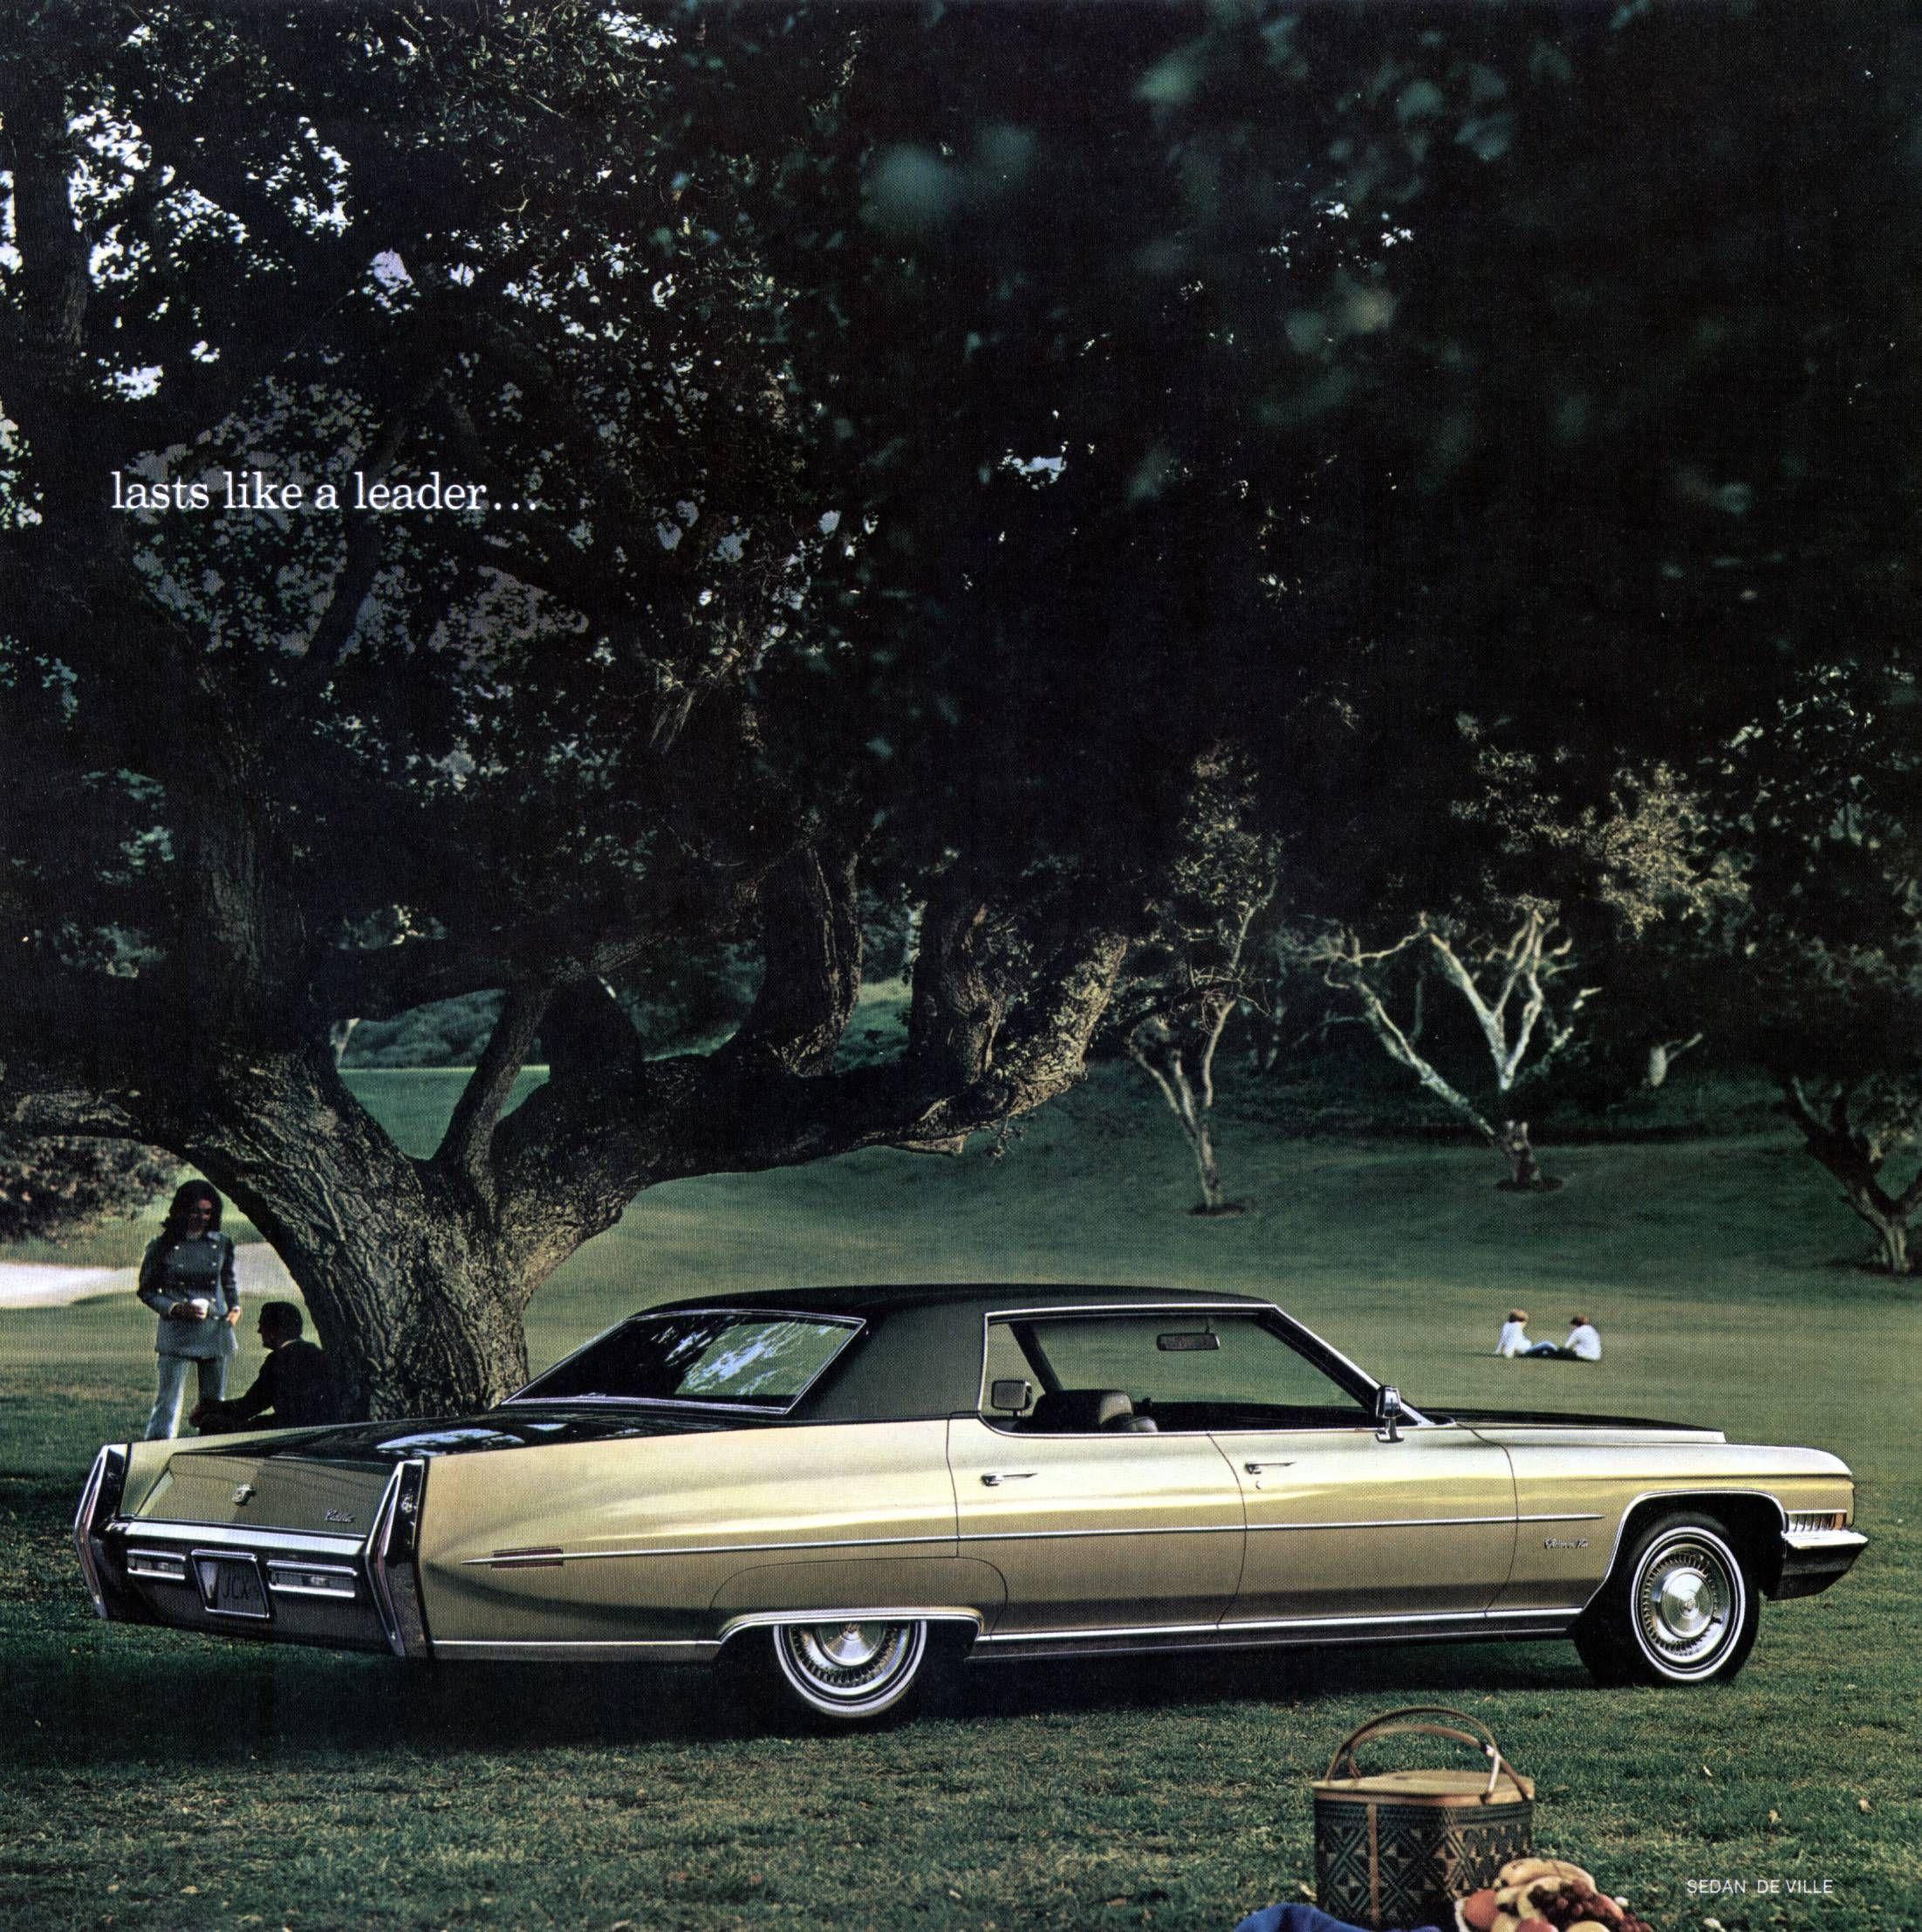 Wilson Cadillac: 1971 Cadillac Sedan Deville - My Dad's Car When I Was A Kid